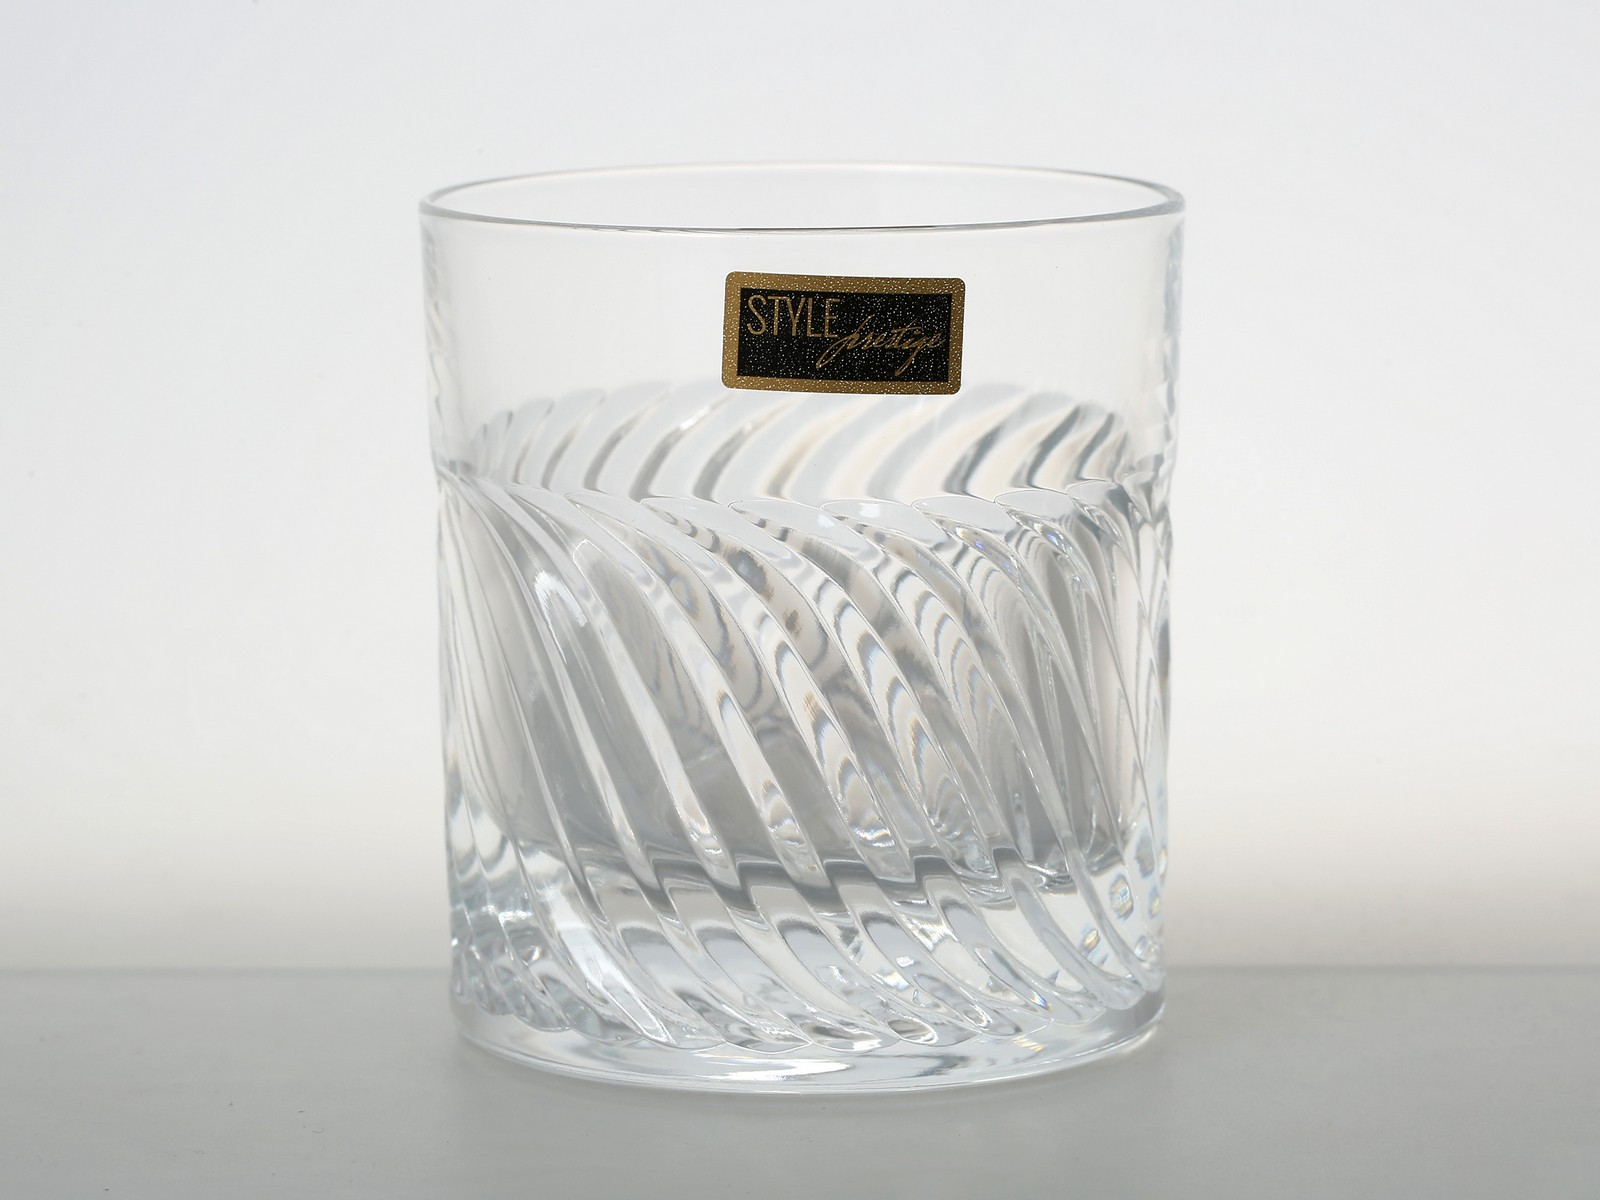 Набор стаканов для виски 290 мл GEARING RCR STYLE PRESTIGE ( 2 шт )34144Итальянский брэнд RCR Cristalleria Italiana берет свои истоки из городка в пригороде Италии, традиции обработки стекла в котором уходят в средние века. Плавить хрусталь и наполнять уникальностью каждое изделие, наделять его изяществом форм и высоким качеством - это то, что умеют мастера торгового дома RCR Cristalleria Italiana сегодня и совершенствуются в своем мастерстве каждый день. Популярность компании растет с каждым днем все больше и больше, а изделия разлетаются по всему миру и остаются востребованными на рынке сервировочной посуды. Ведь изготовление предметов сервировки для украшения праздничного стола и для ежедневных обедов - это и есть основное направление деятельности компании RCR Cristalleria Italiana.